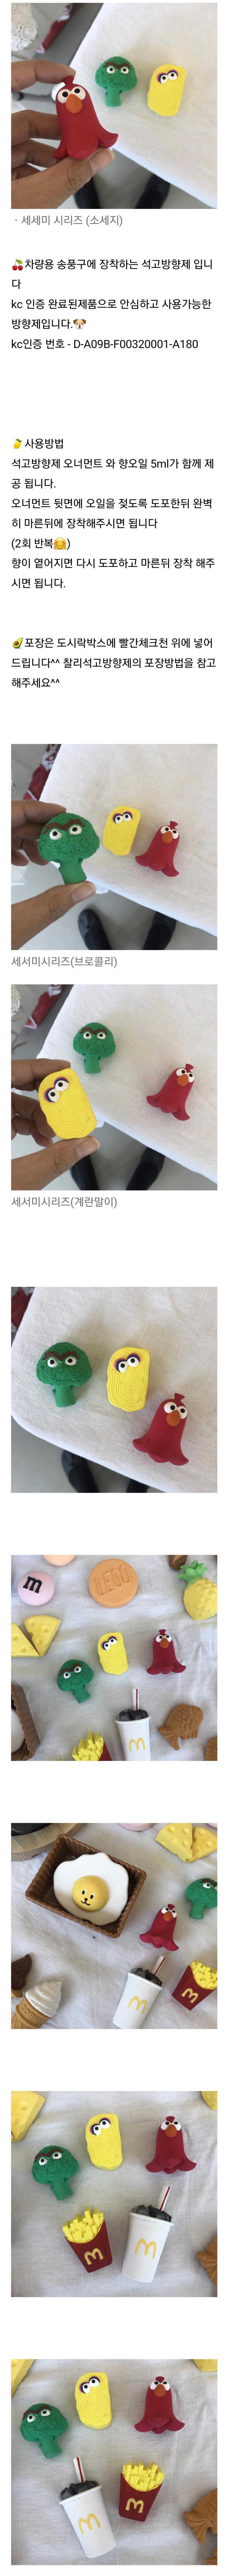 귀여운 캐릭터 야채 차량용 석고방향제 - 베이비글, 12,500원, 카인테리어, 방향제